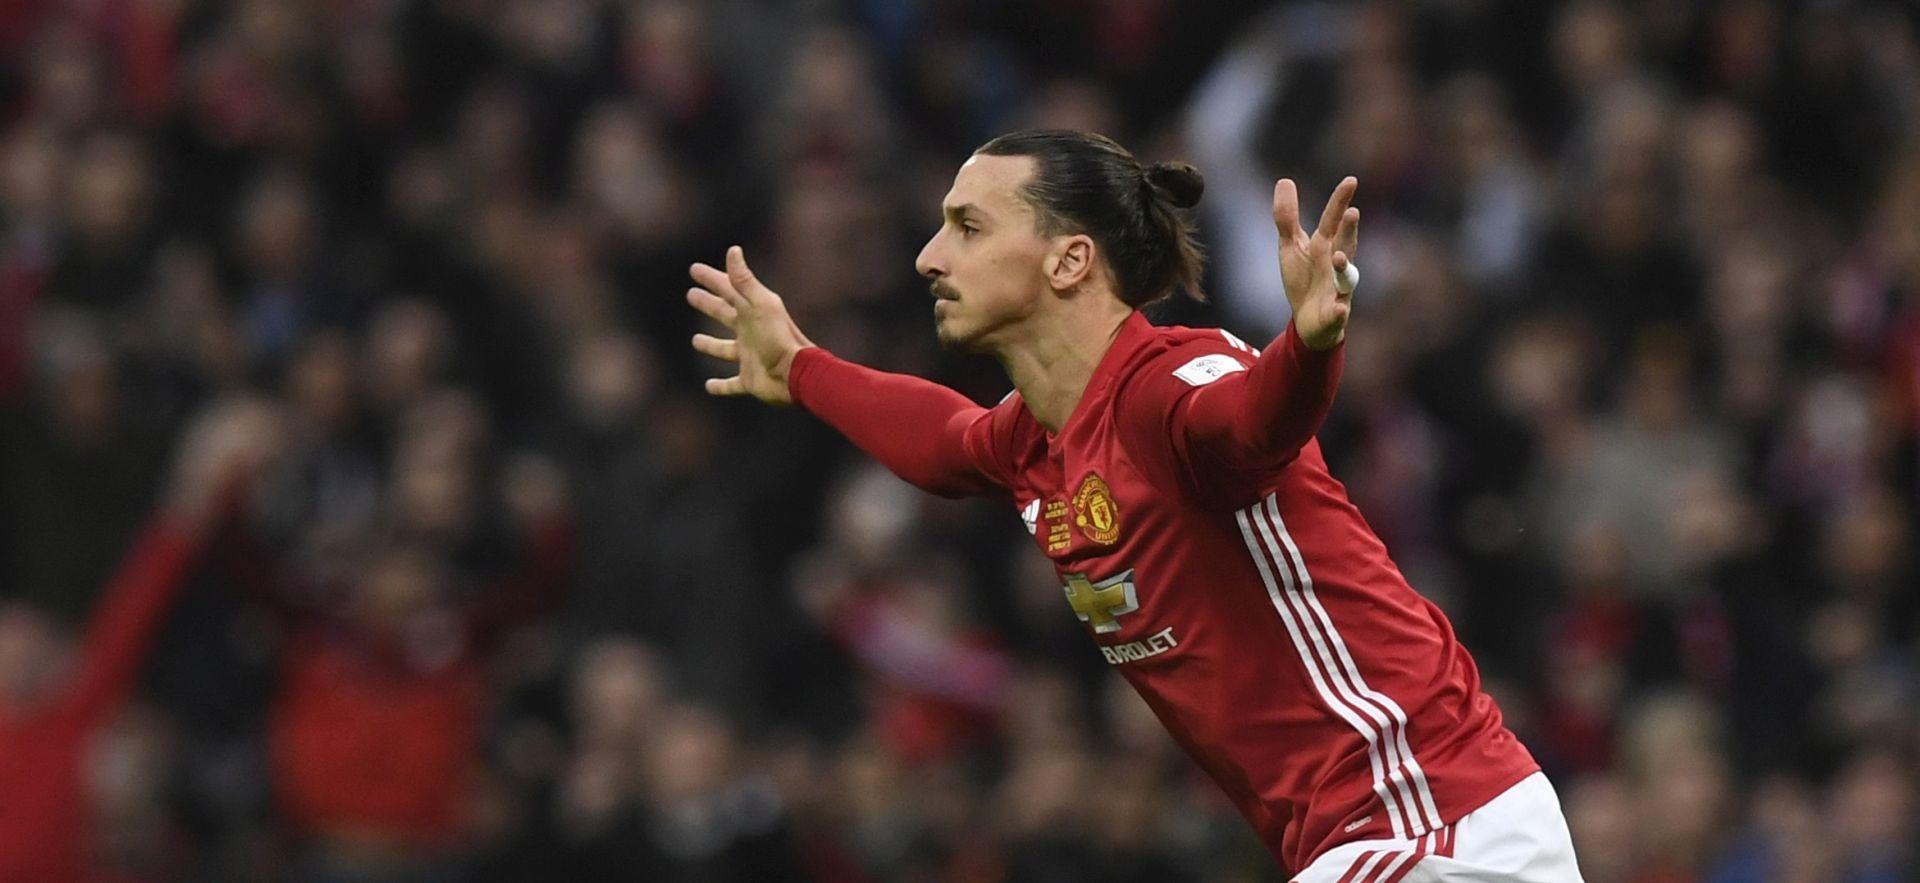 LIGA KUP Manchester Unitedu trofej, dva gola Zlatana Ibrahimovića